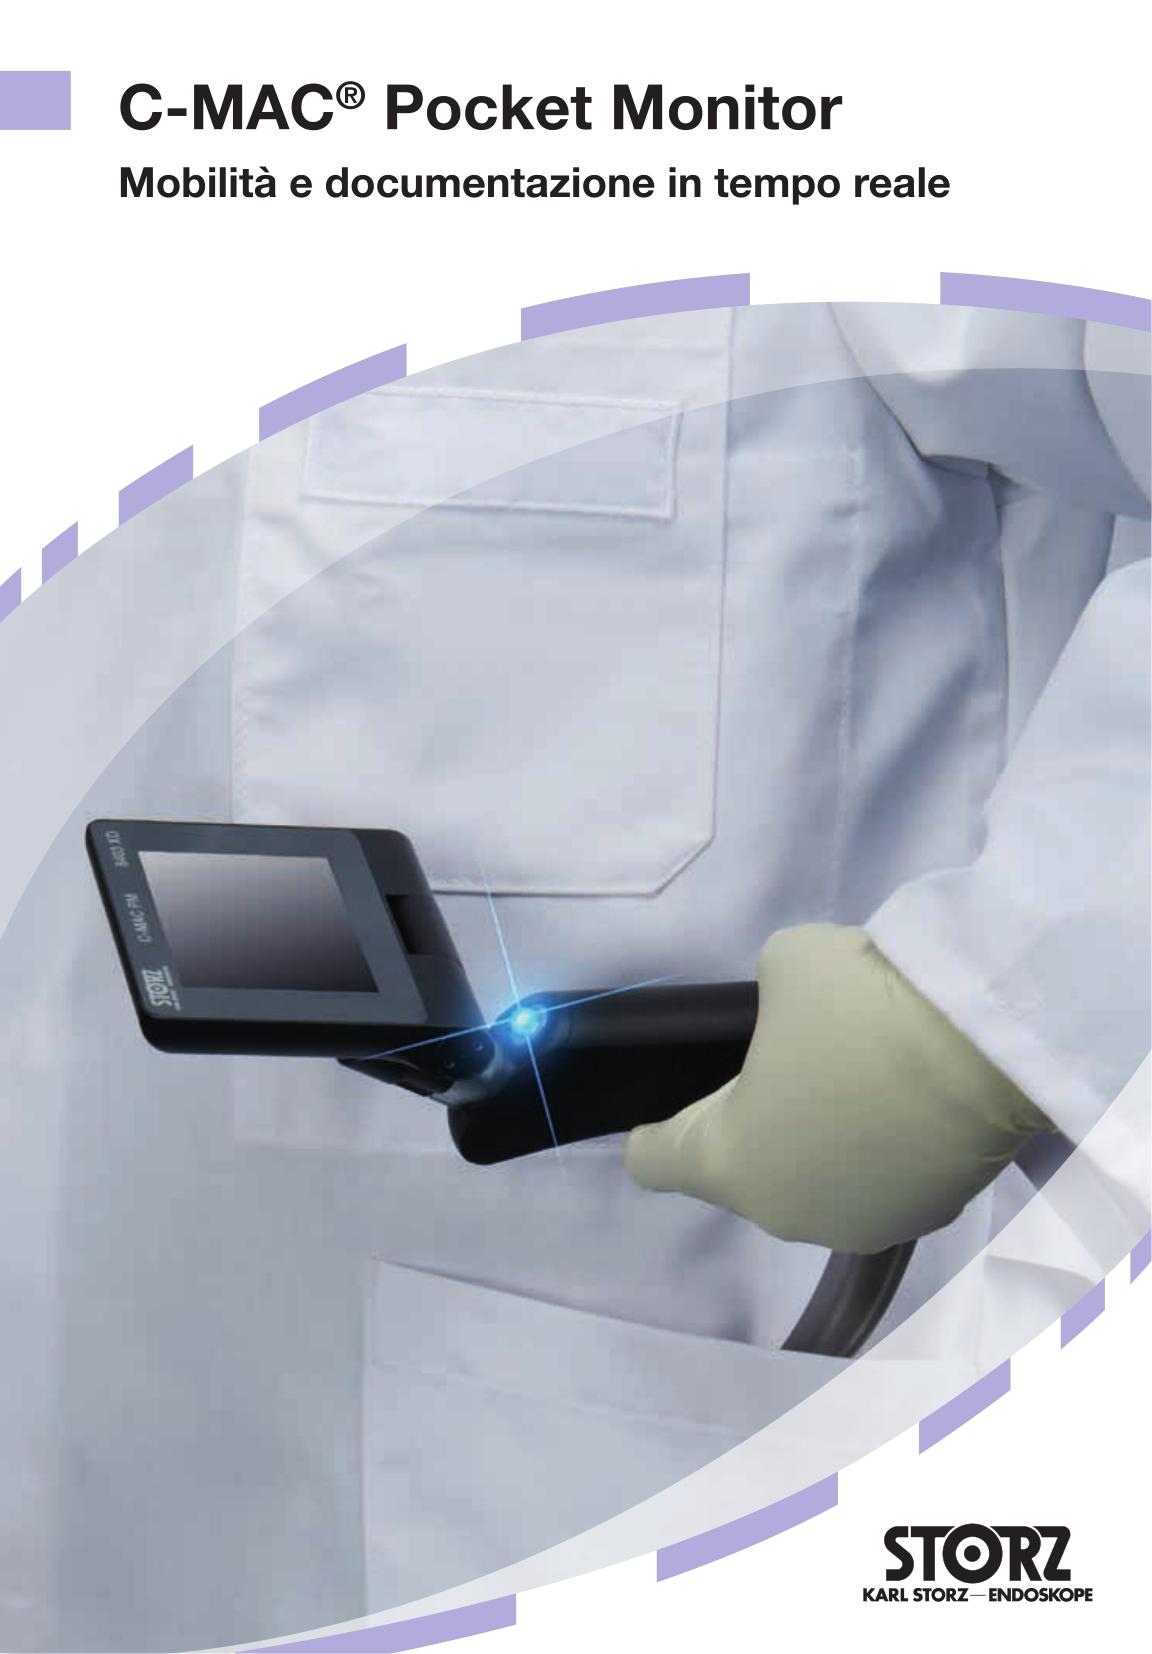 Anestesia e medicina d'emergenza - C-MAC® Pocket Monitor – Mobilità e documentazione in tempo reale